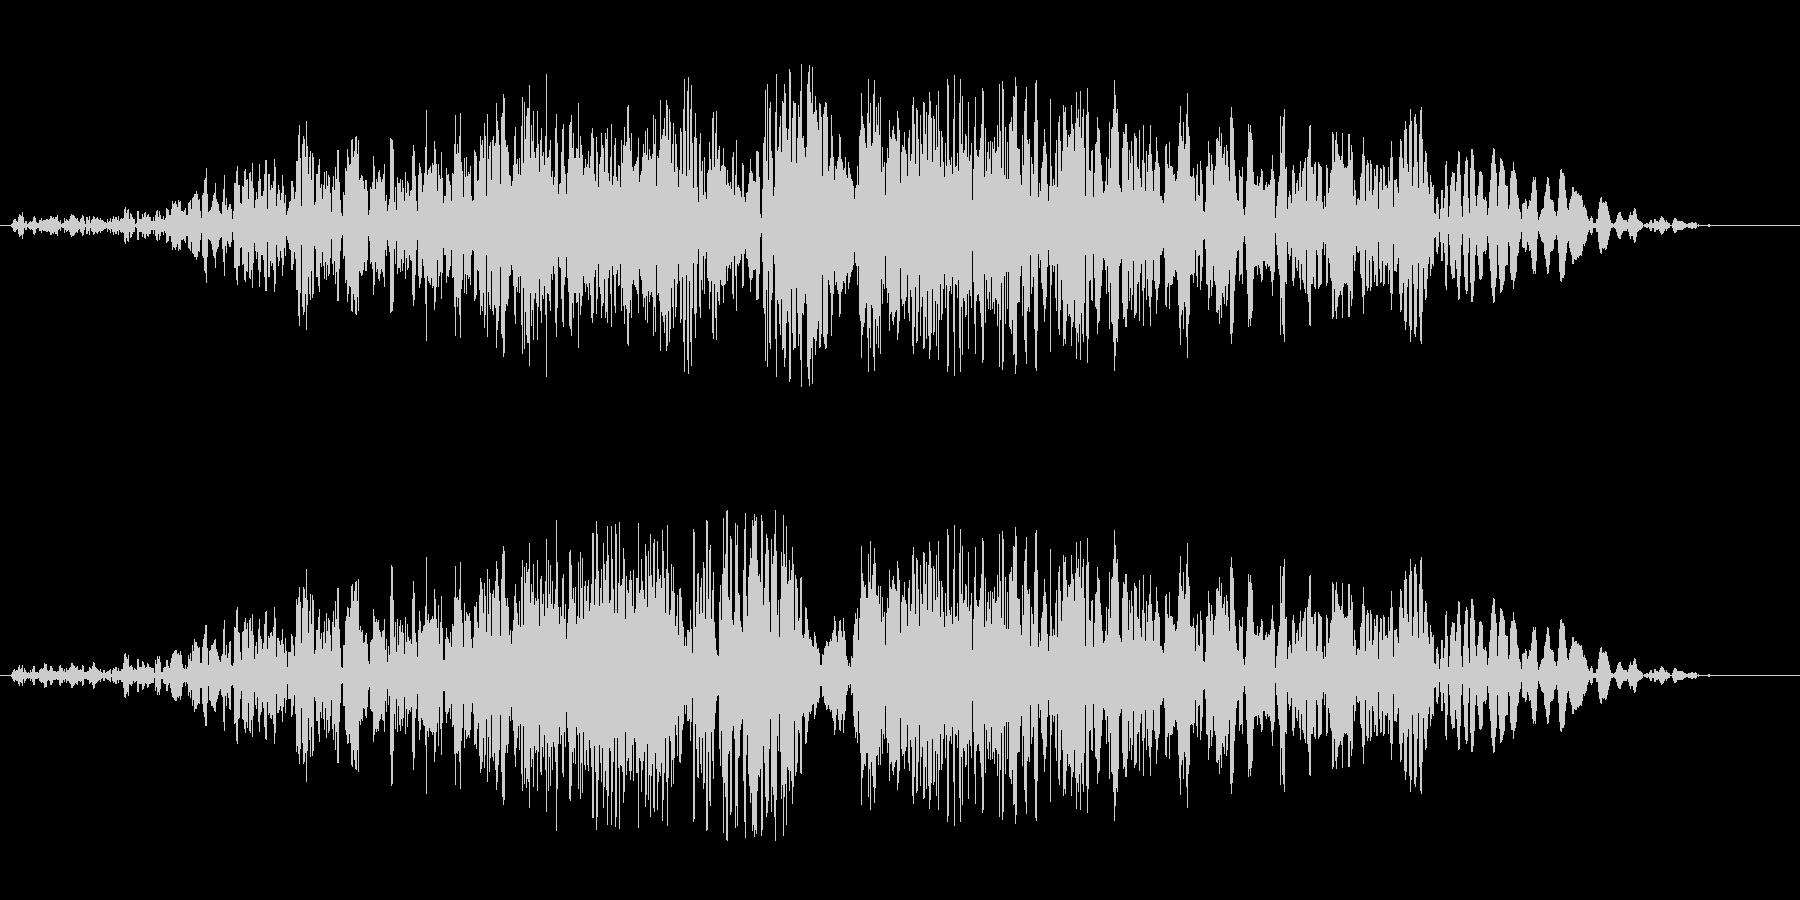 シュイビシューン(風の音)の未再生の波形